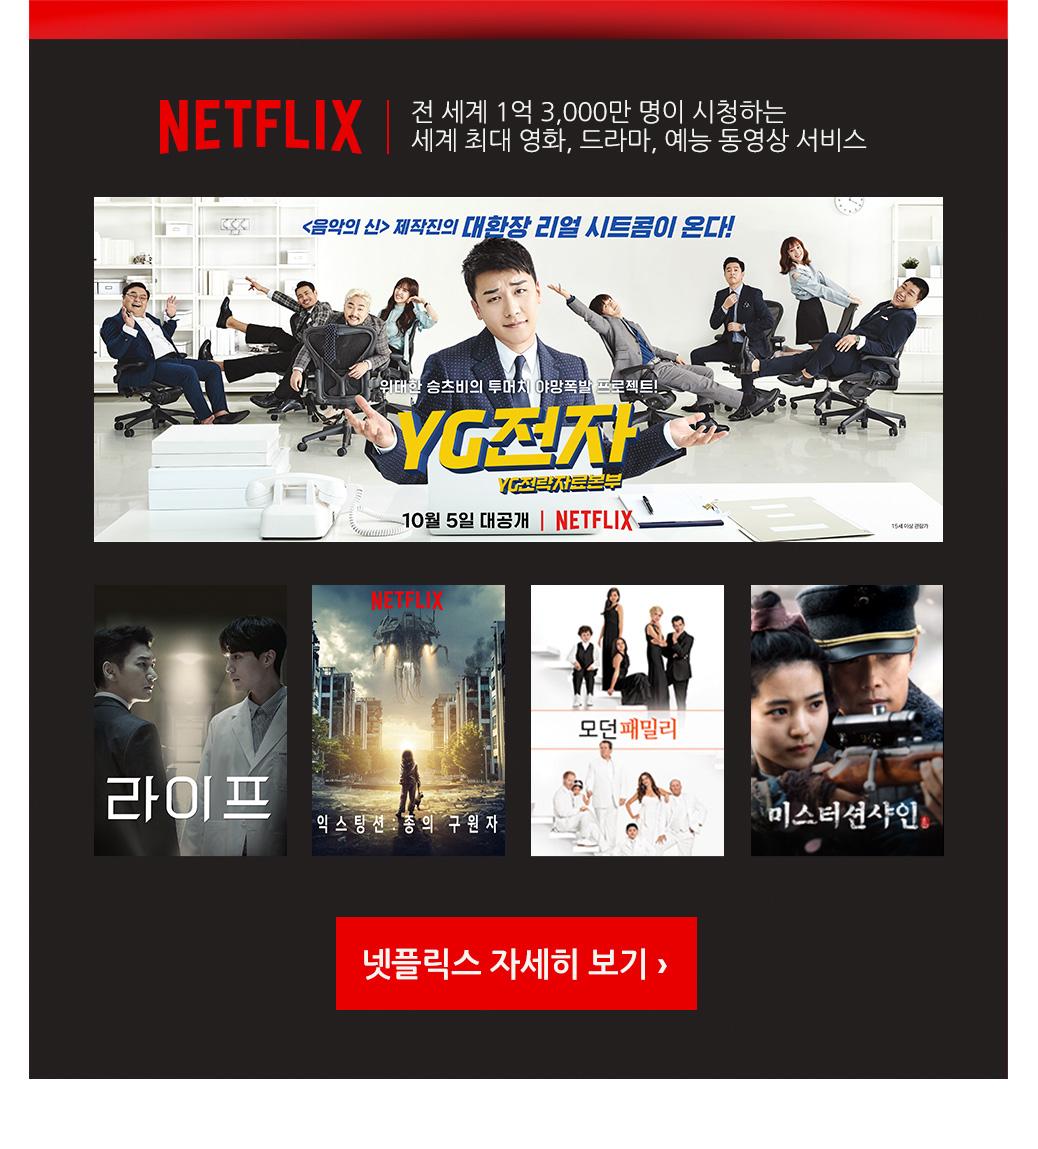 전 세계 1억 2,500만 명이 시청하는 세계 최대 영화, 드라마, 예능 동영상 서비스